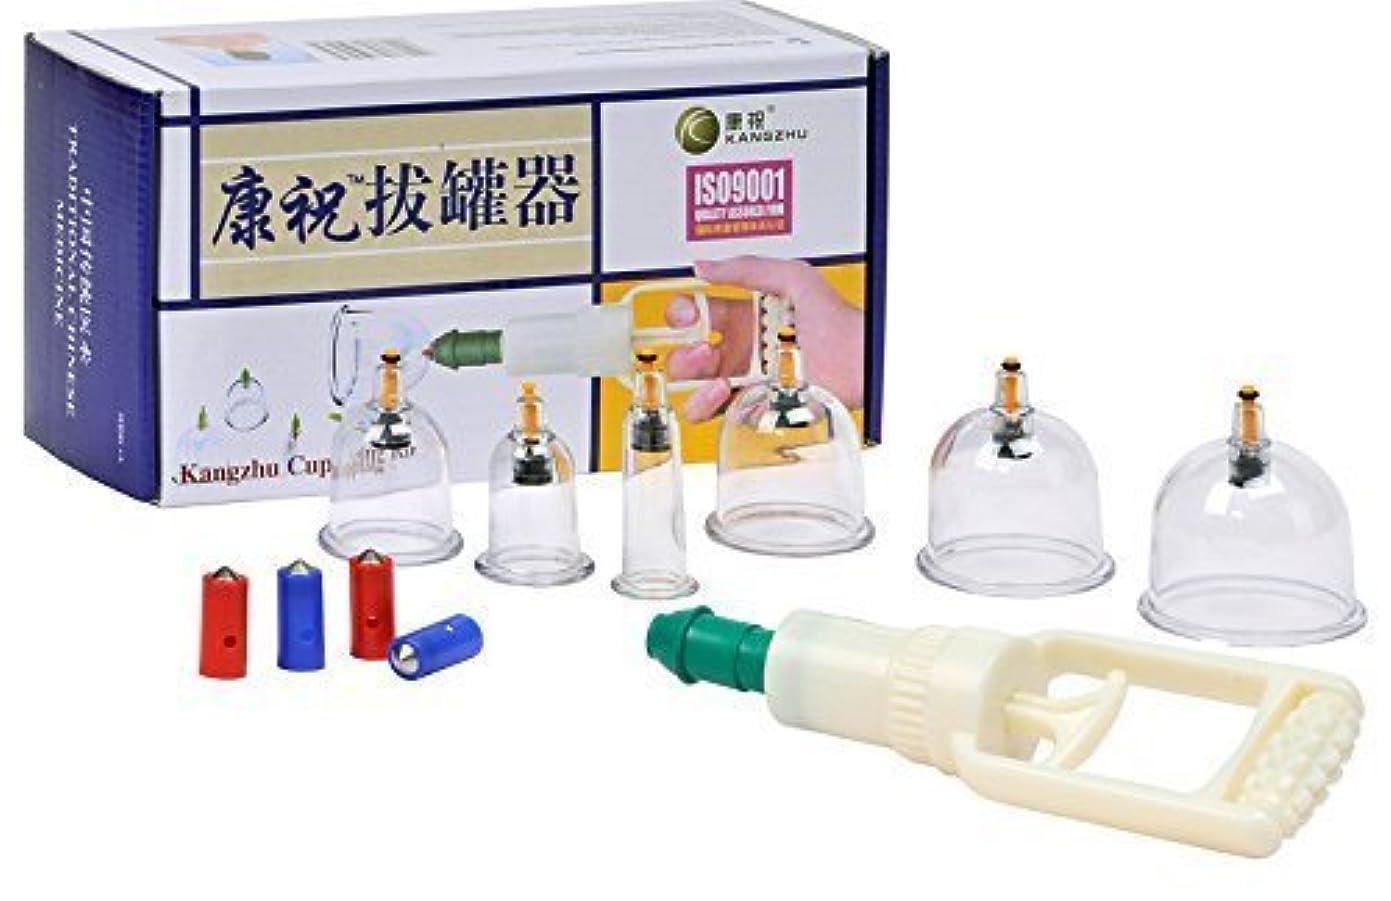 タンパク質フランクワースリー下位SHINA 6個カップ 1個カッピング器 吸い玉カップ カッピング 中国伝統の健康法 肩こり、 ダイエットなどに有効 肩 背中 腰 カッピングセット プラスチック製 自分で手軽に操作できる